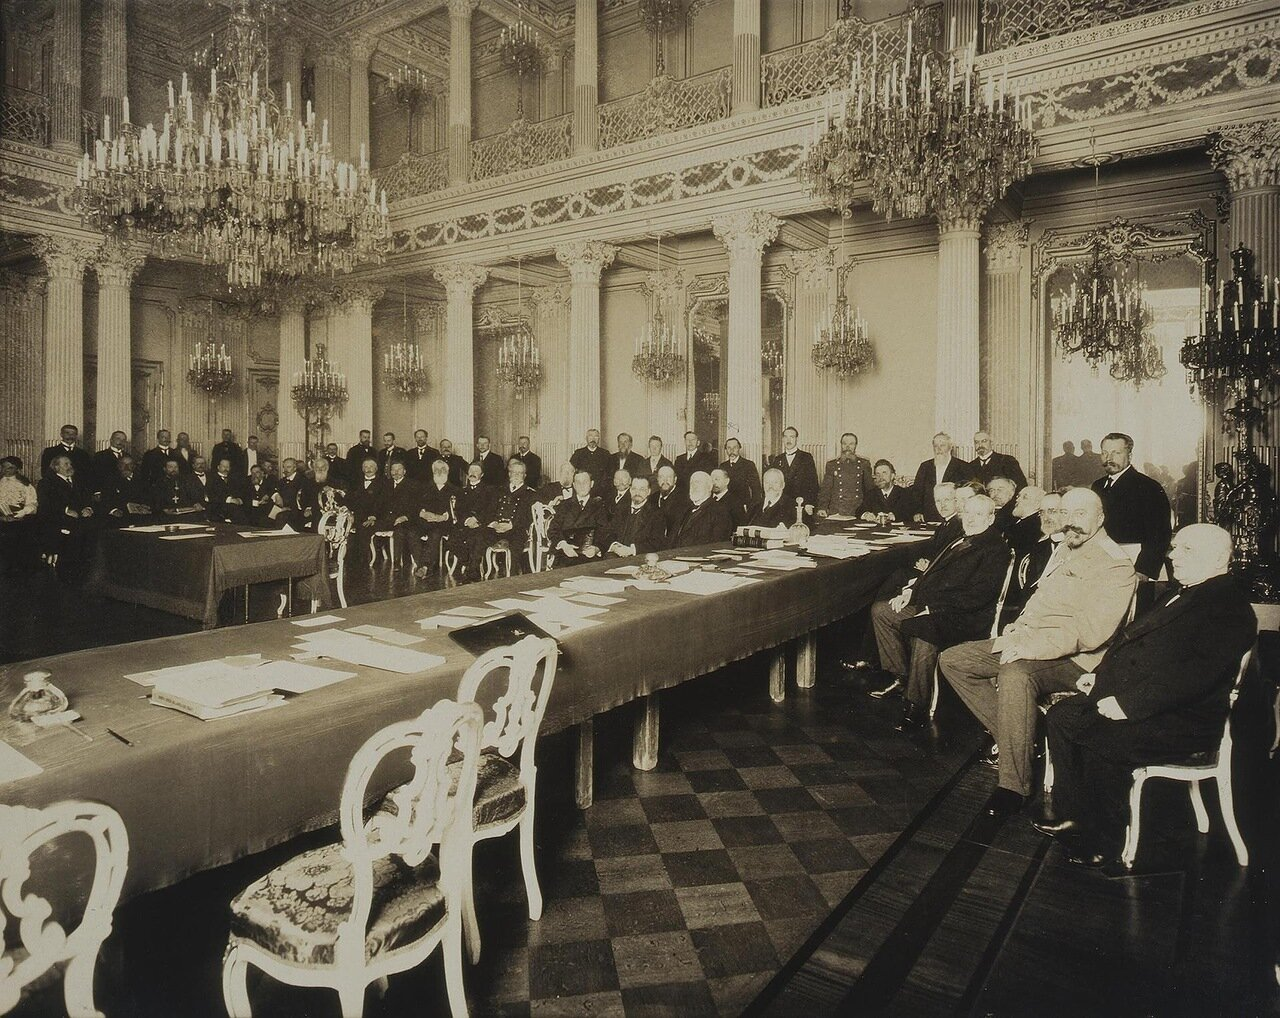 Заседание Императорского Русского исторического общества в Ново-Михайловском дворце